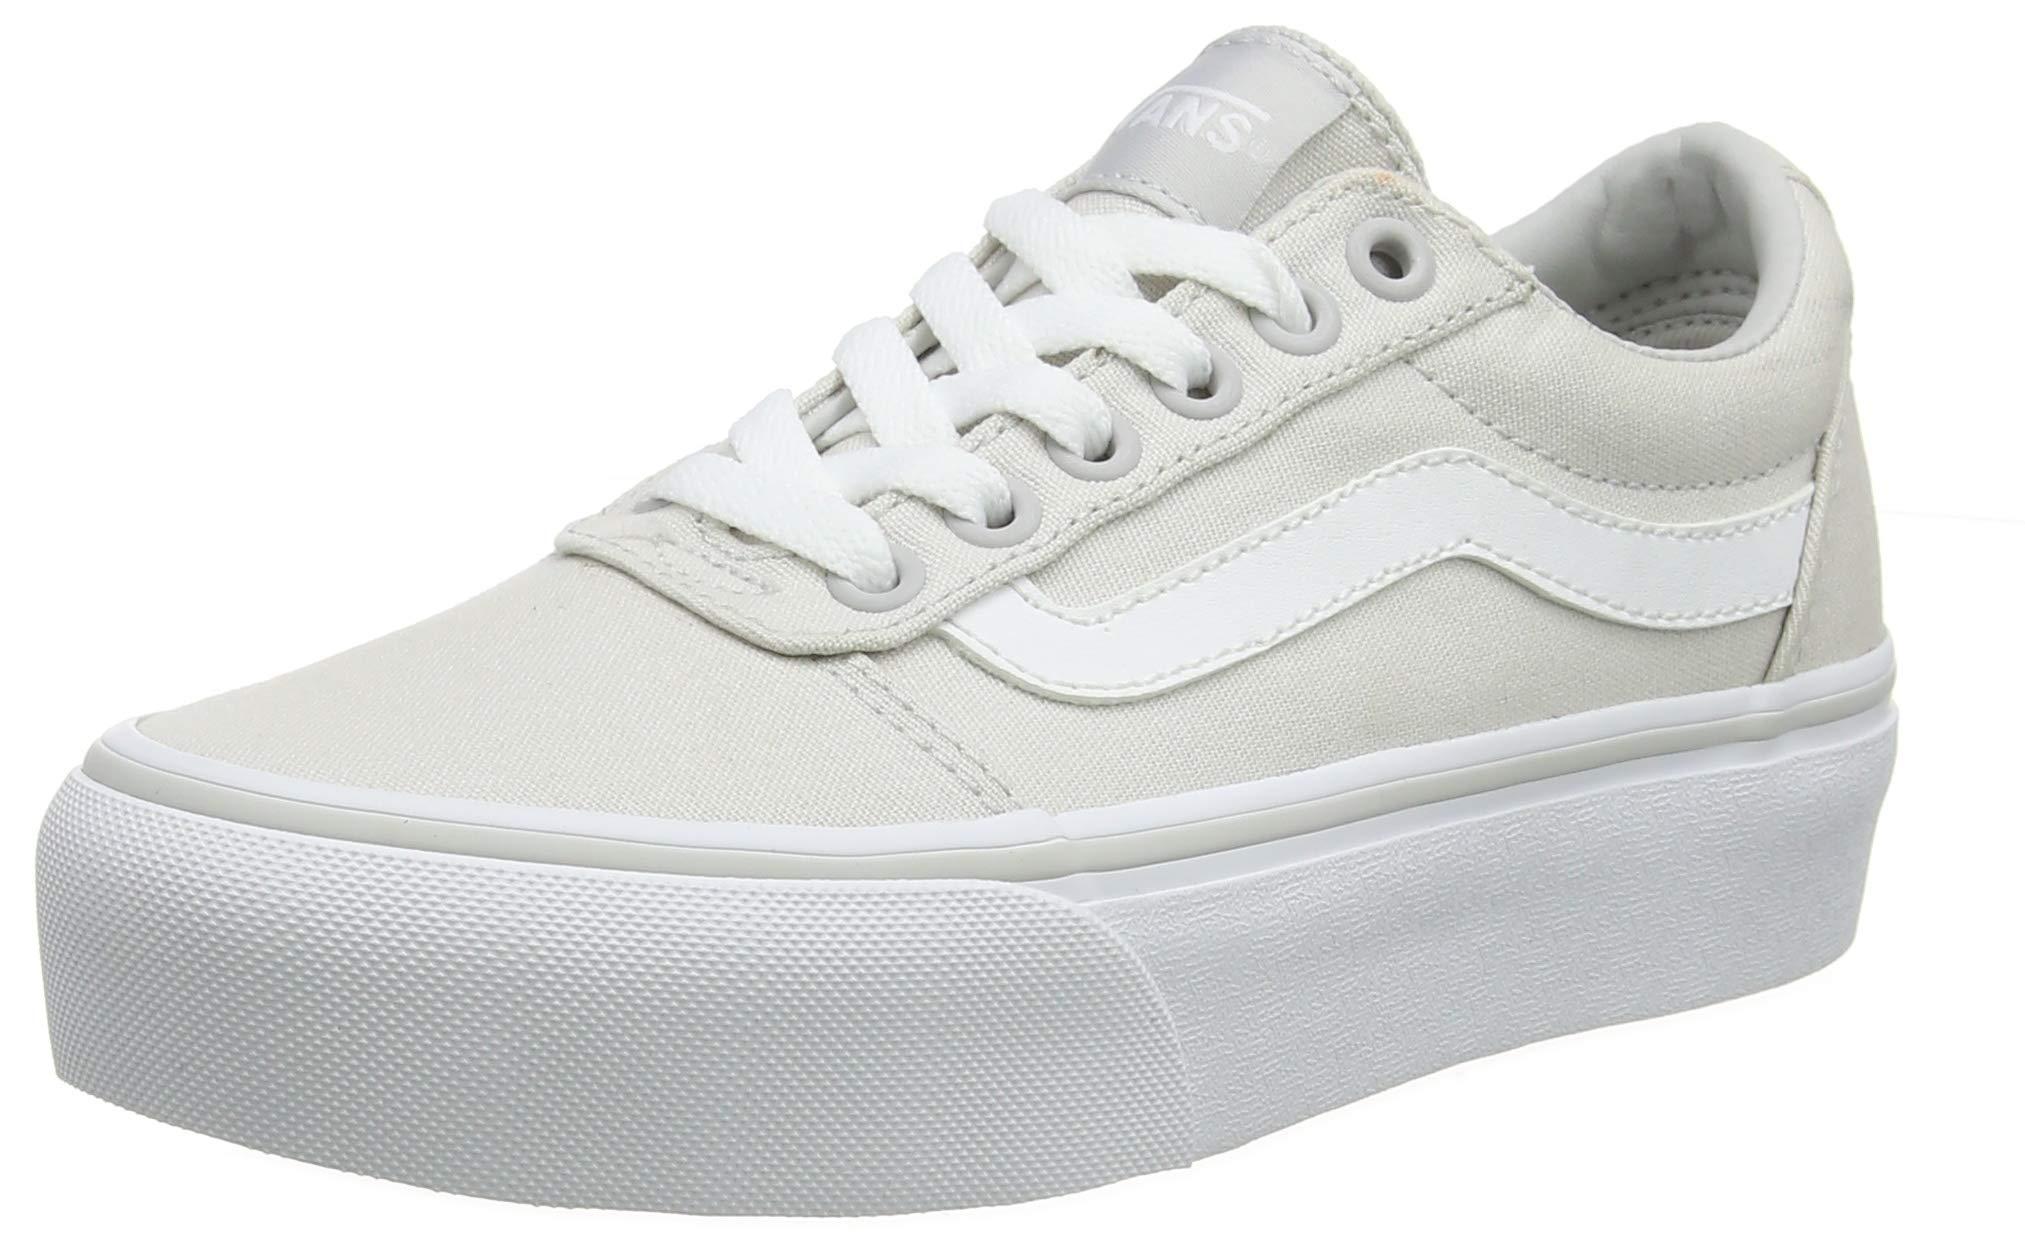 Vans Women's Ward Platform Canvas Low-Top Sneakers - 71zTld2KSQL - Vans Women's Ward Platform Canvas Low-Top Sneakers